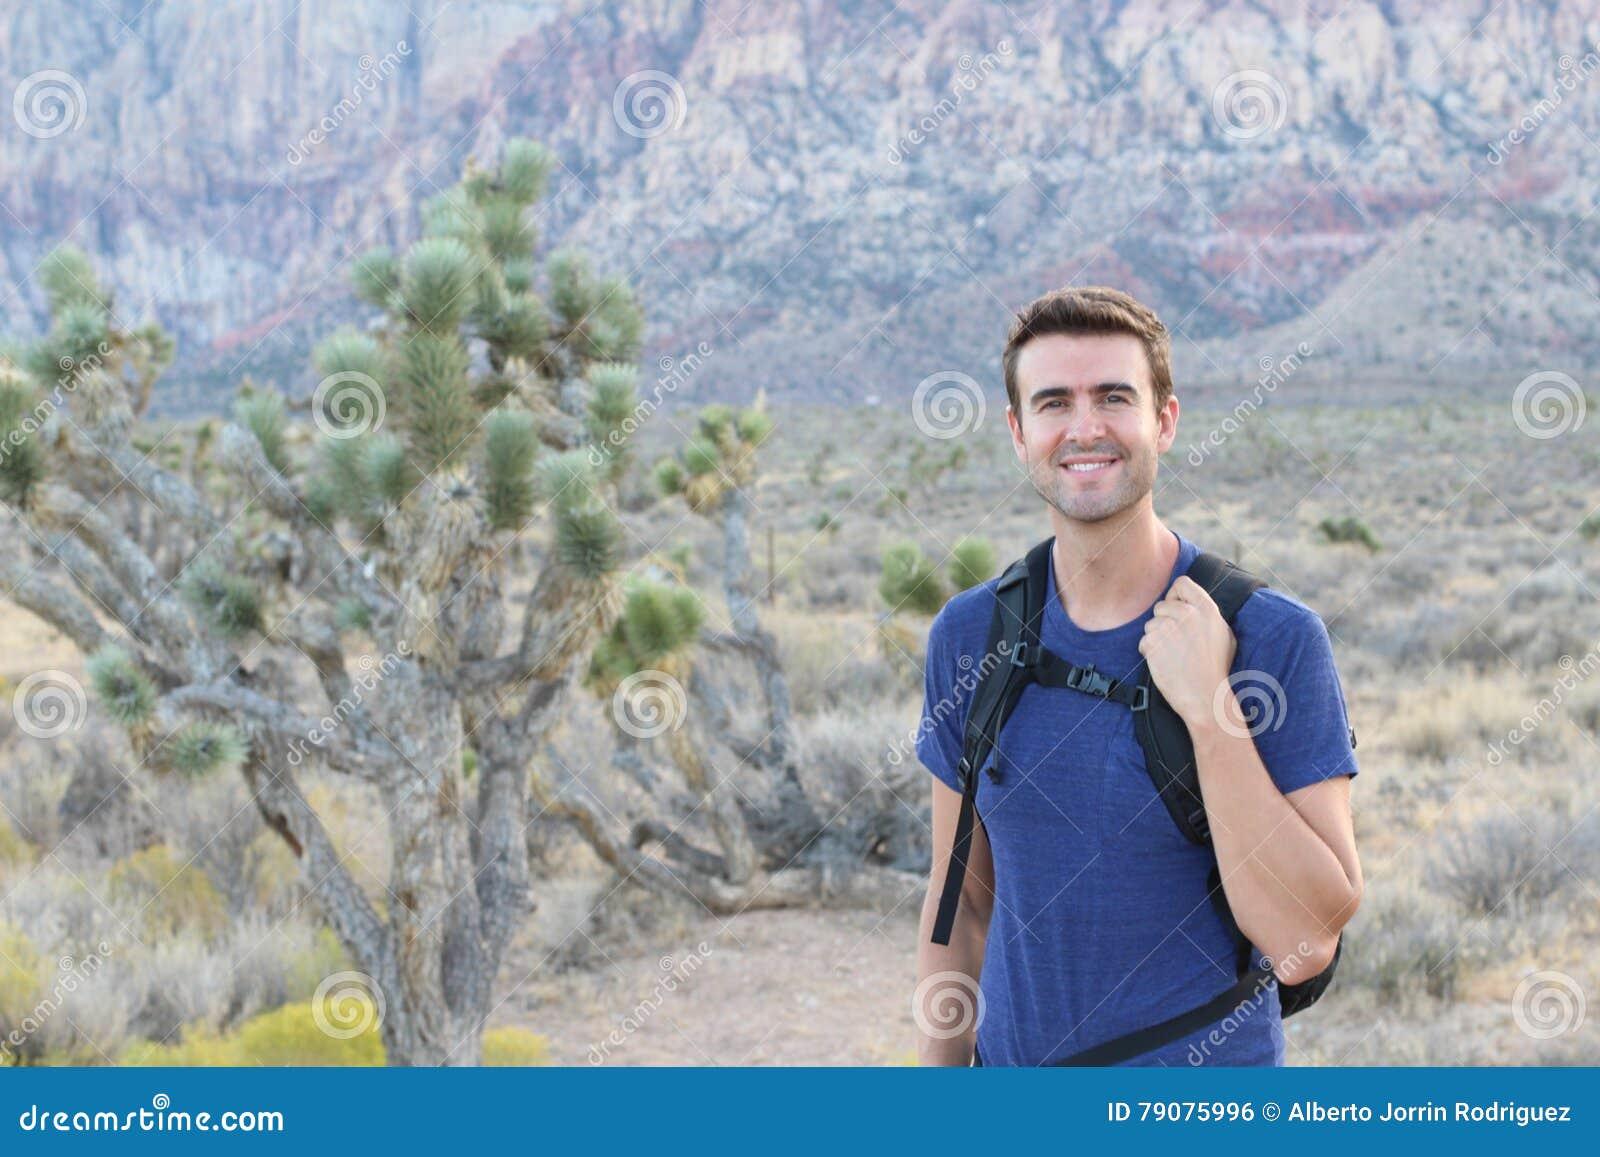 Wagen Sie, reisen Sie, Tourismus, Wanderung und Leutekonzept - bemannen Sie den tragenden schwarzen Rucksack, der in den felsigen